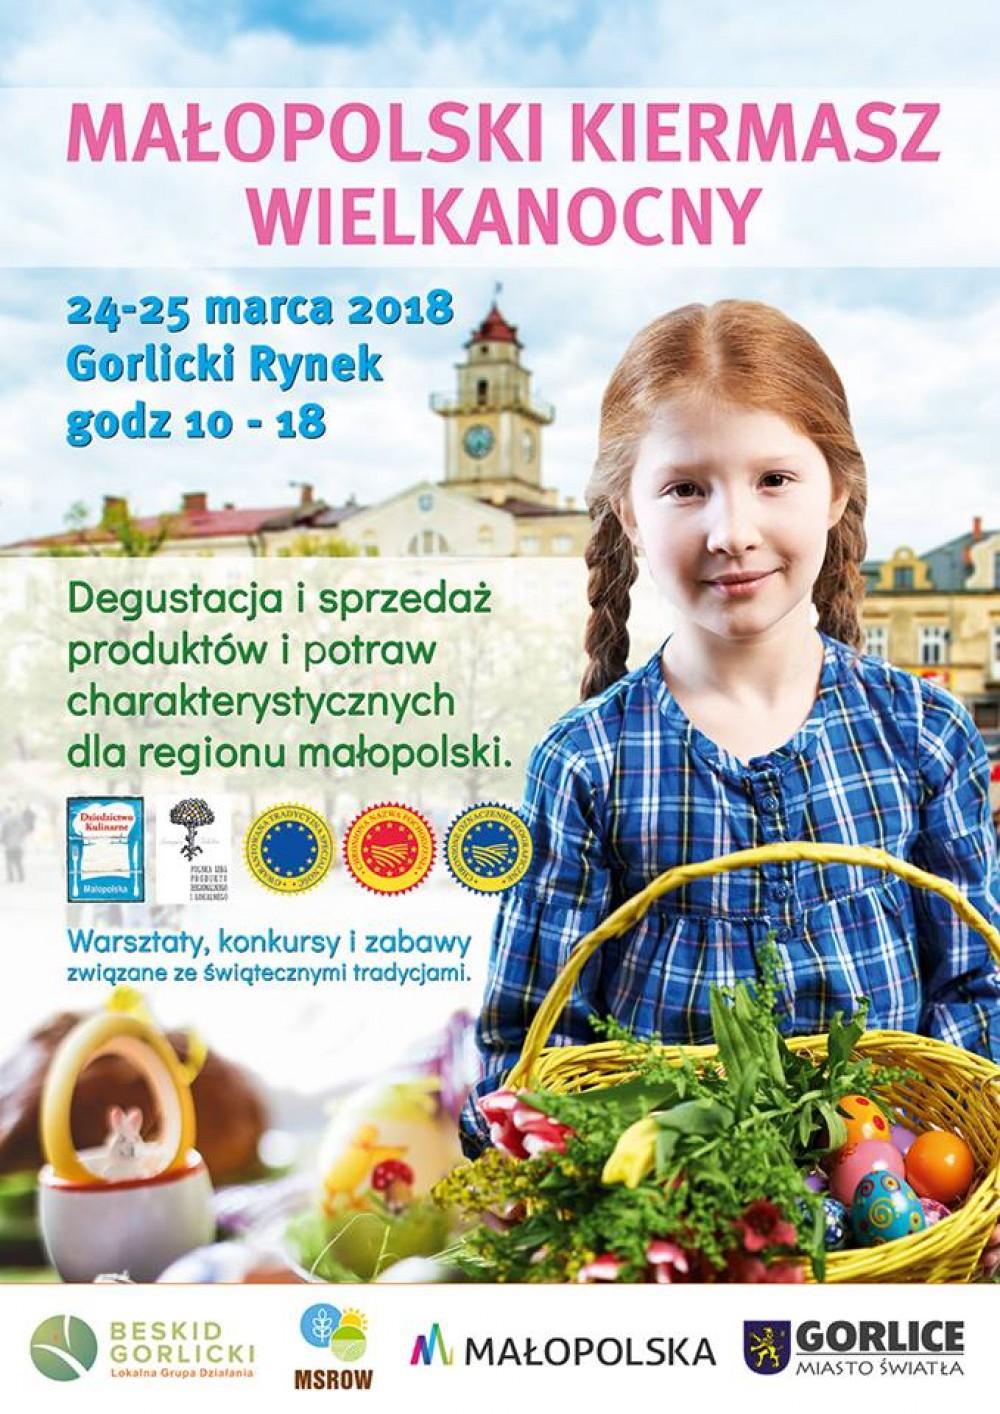 Stowarzyszenie GRUPA ODROLNIKA  zaprasza na Małopolski Kiermasz Wielkanocny do Gorlic